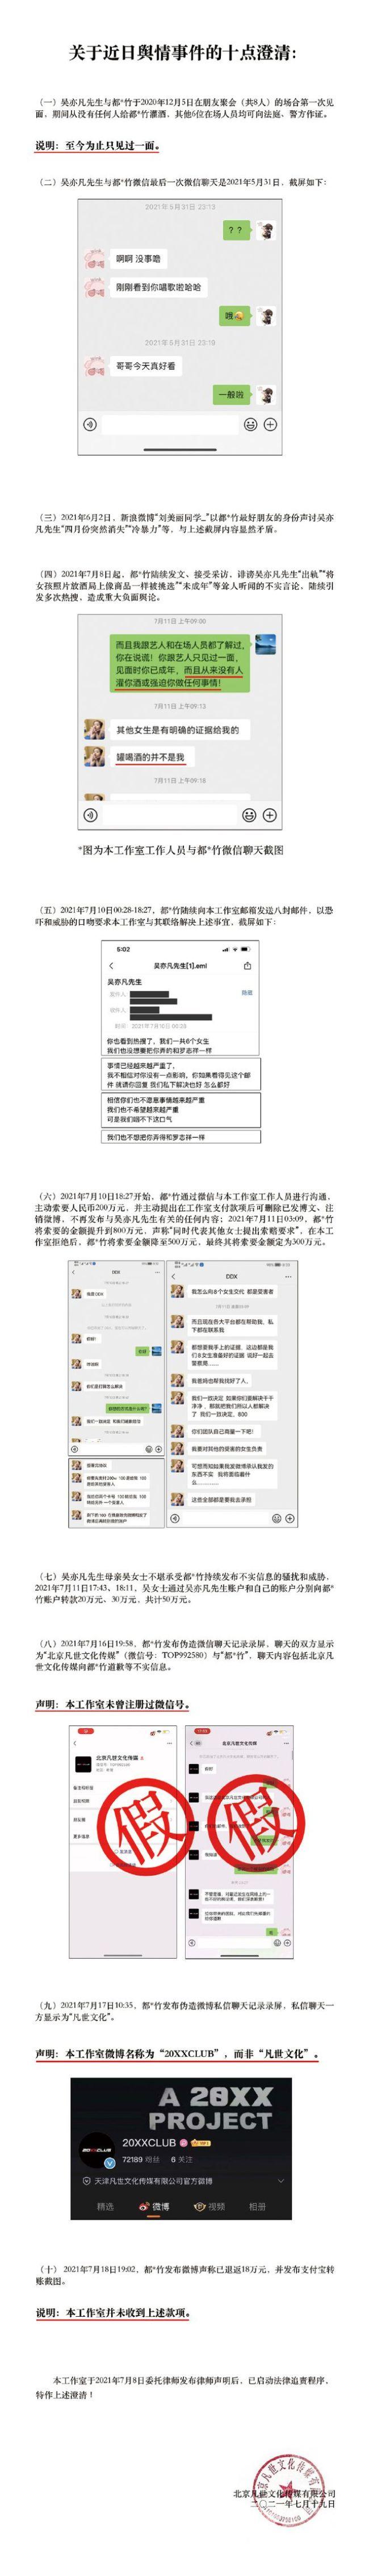 假的!网曝吴亦凡发文称将退出大众视野